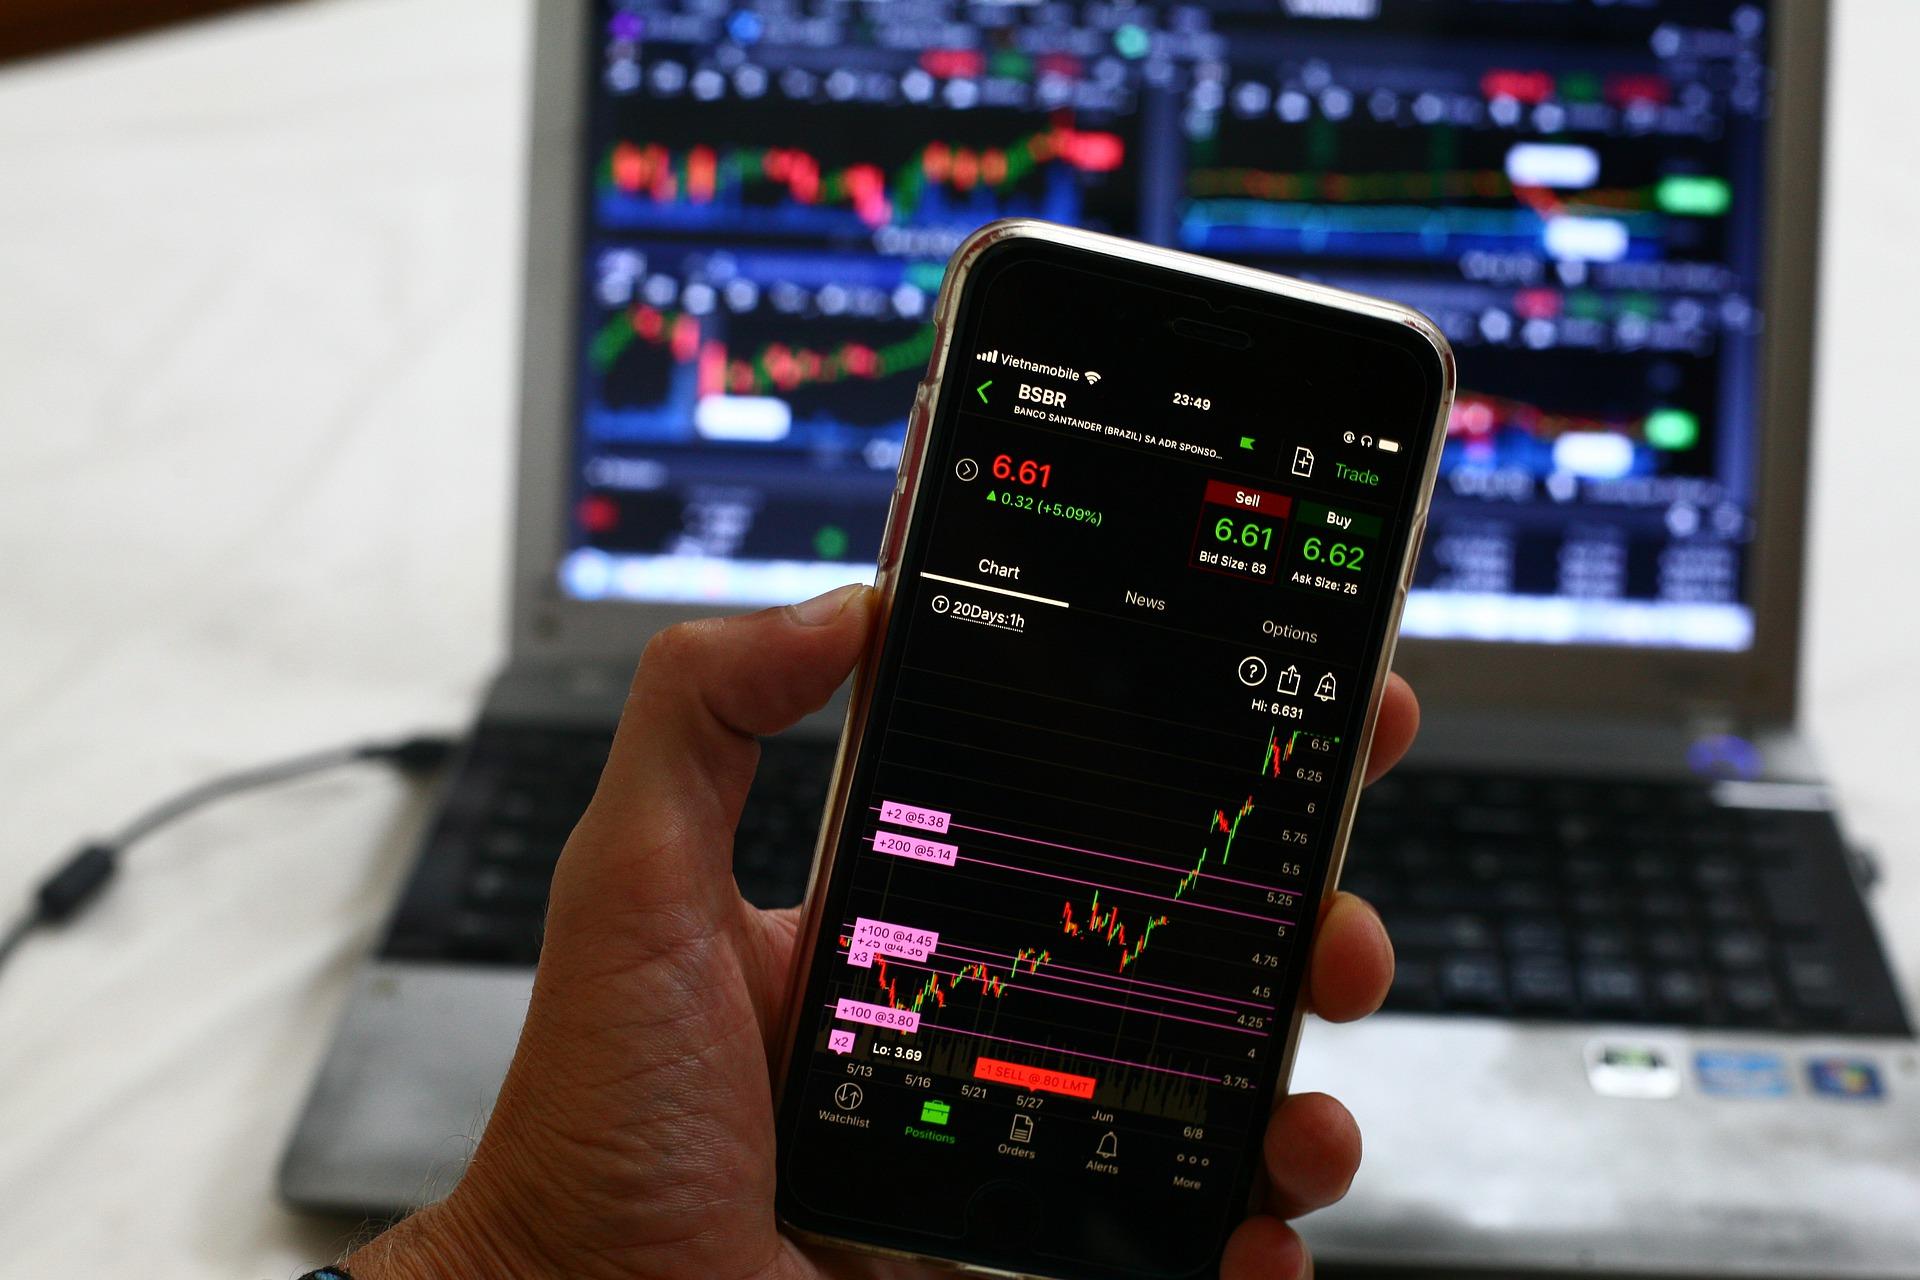 Using BEST Personal Finance App